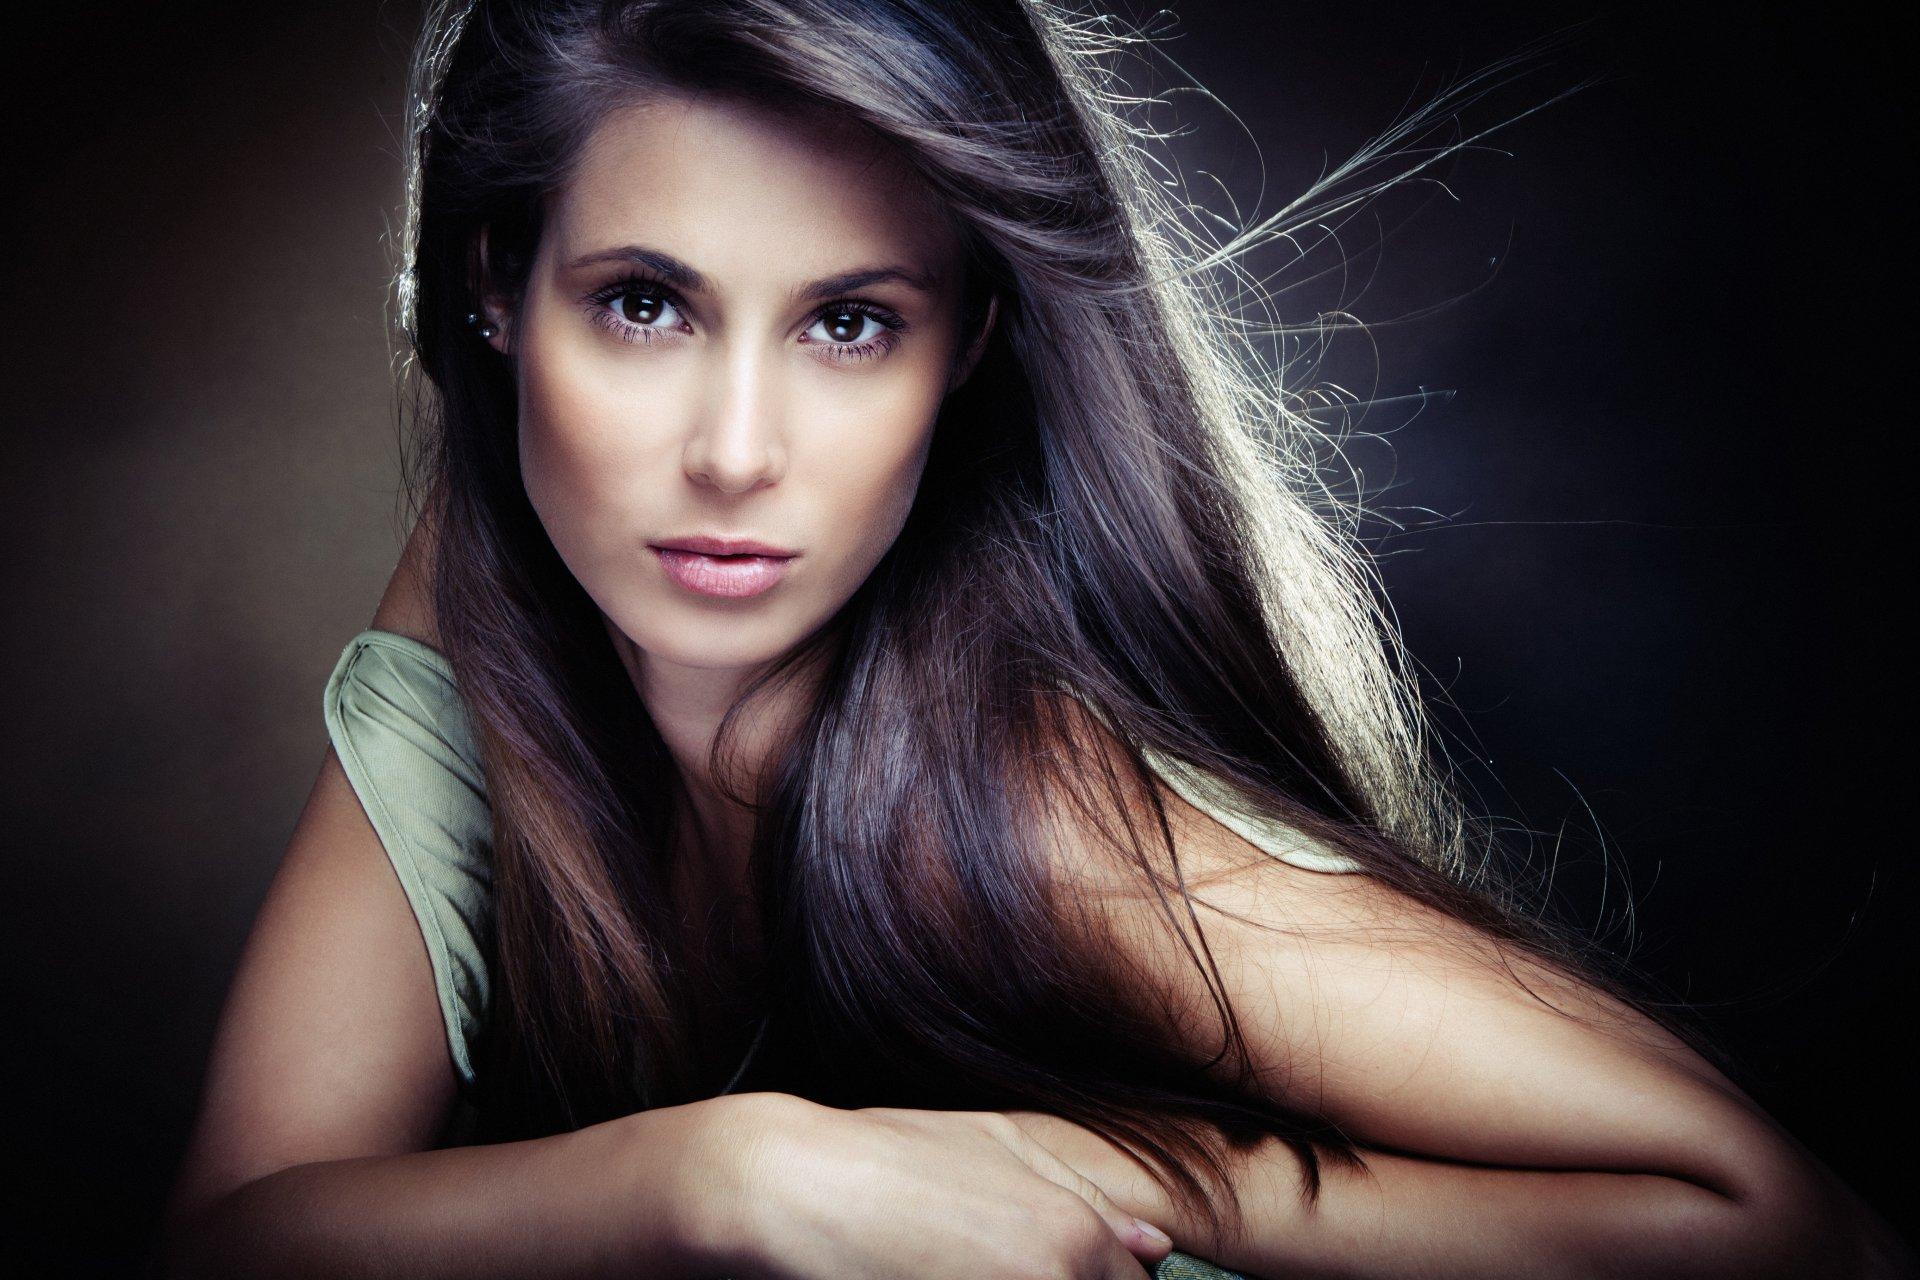 профессиональные фото лиц девушек брюнеток